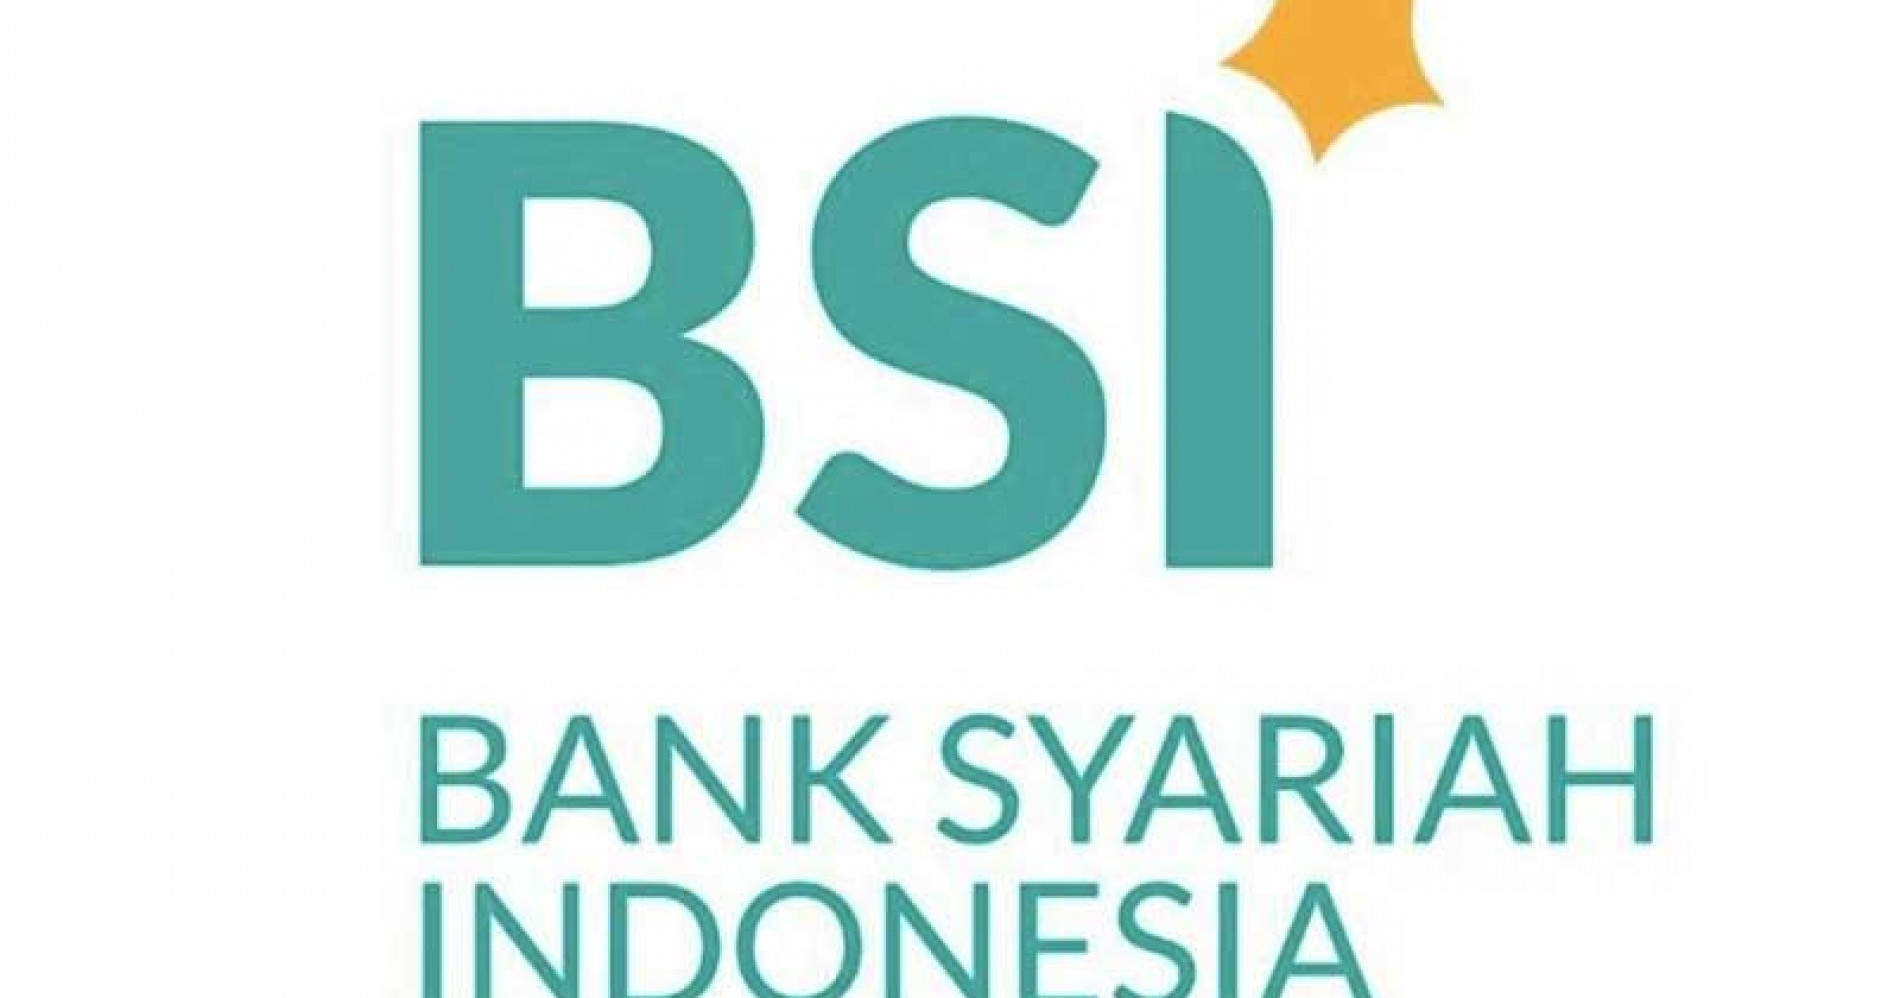 Logo Bank Syariah Indonesia - Image: Bisnis.com